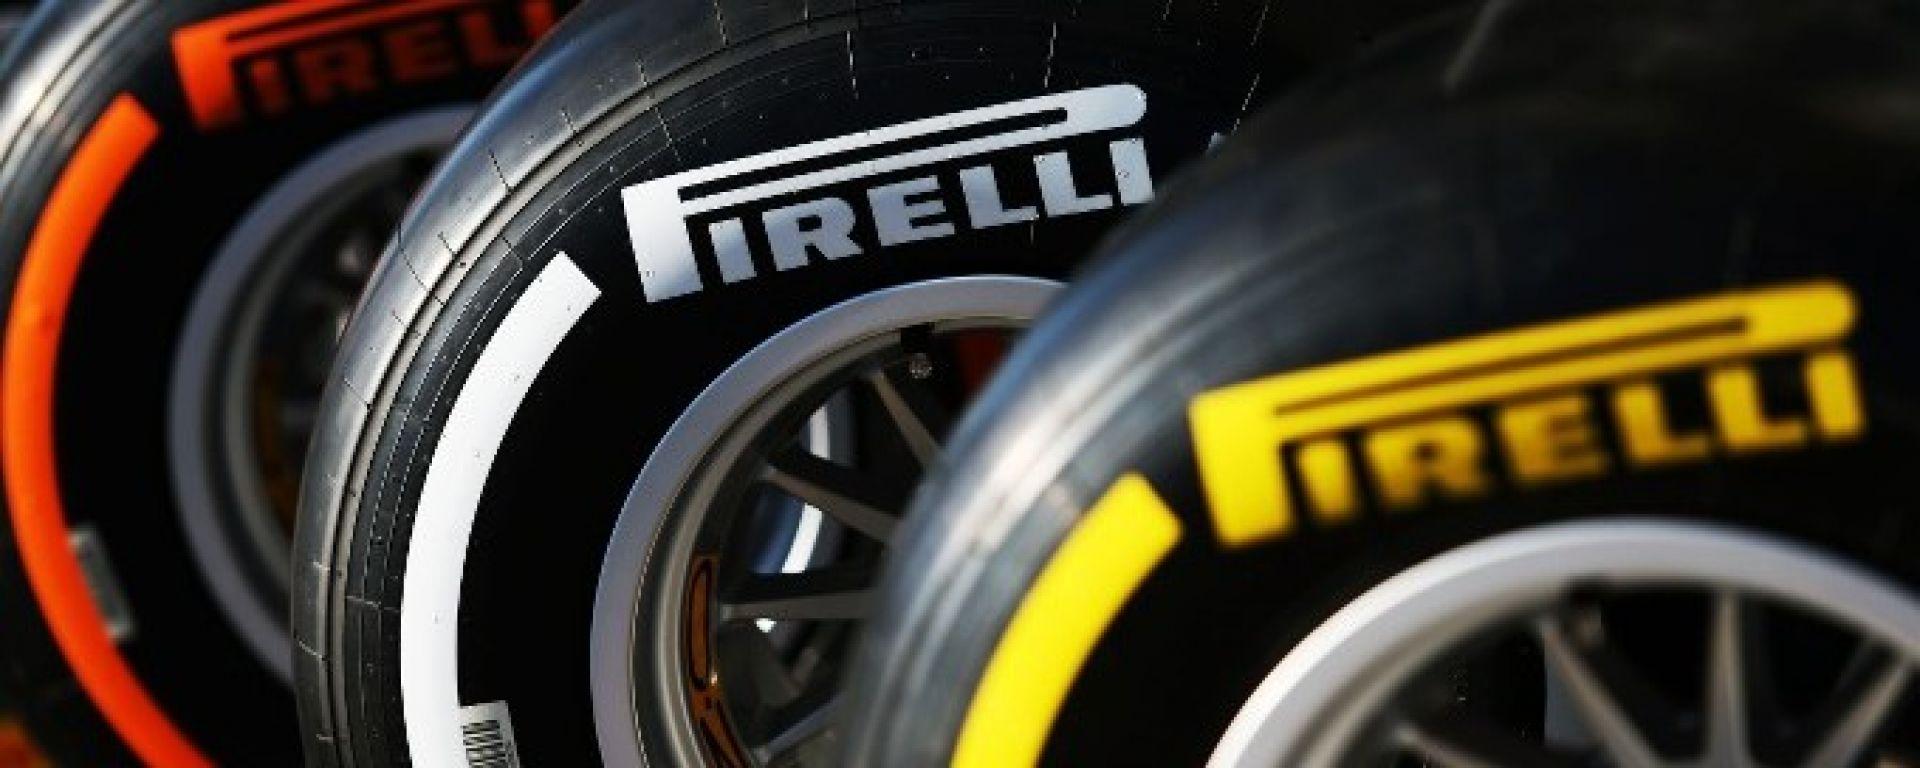 Annunciate le mescole per Suzuka: Ferrari aggressiva